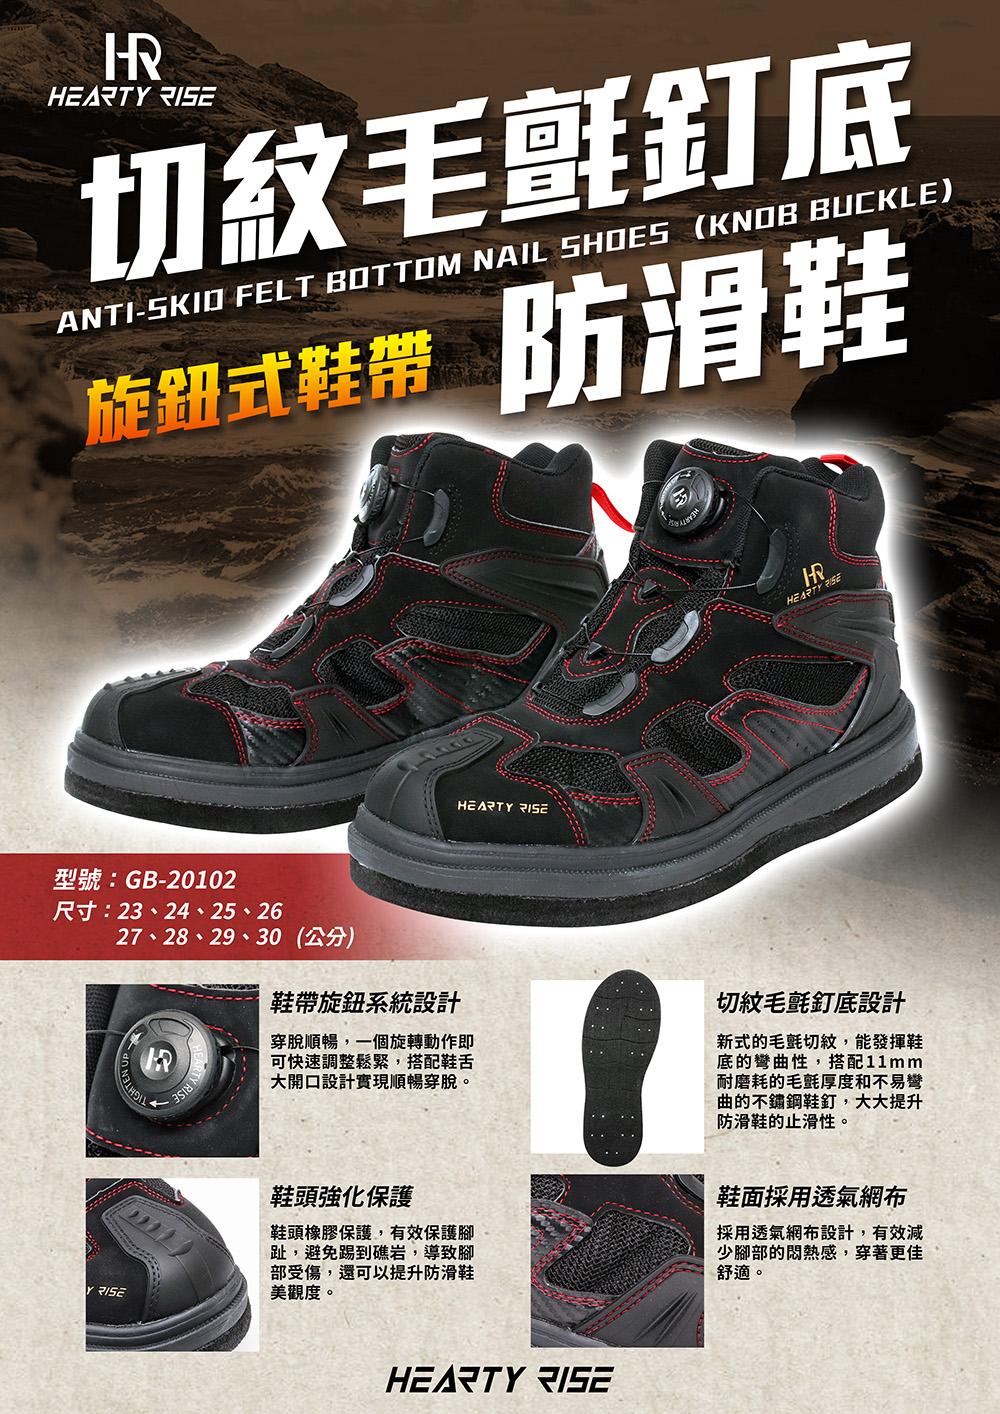 HR 切紋毛氈釘底防滑鞋(旋鈕) GB-20102 1000